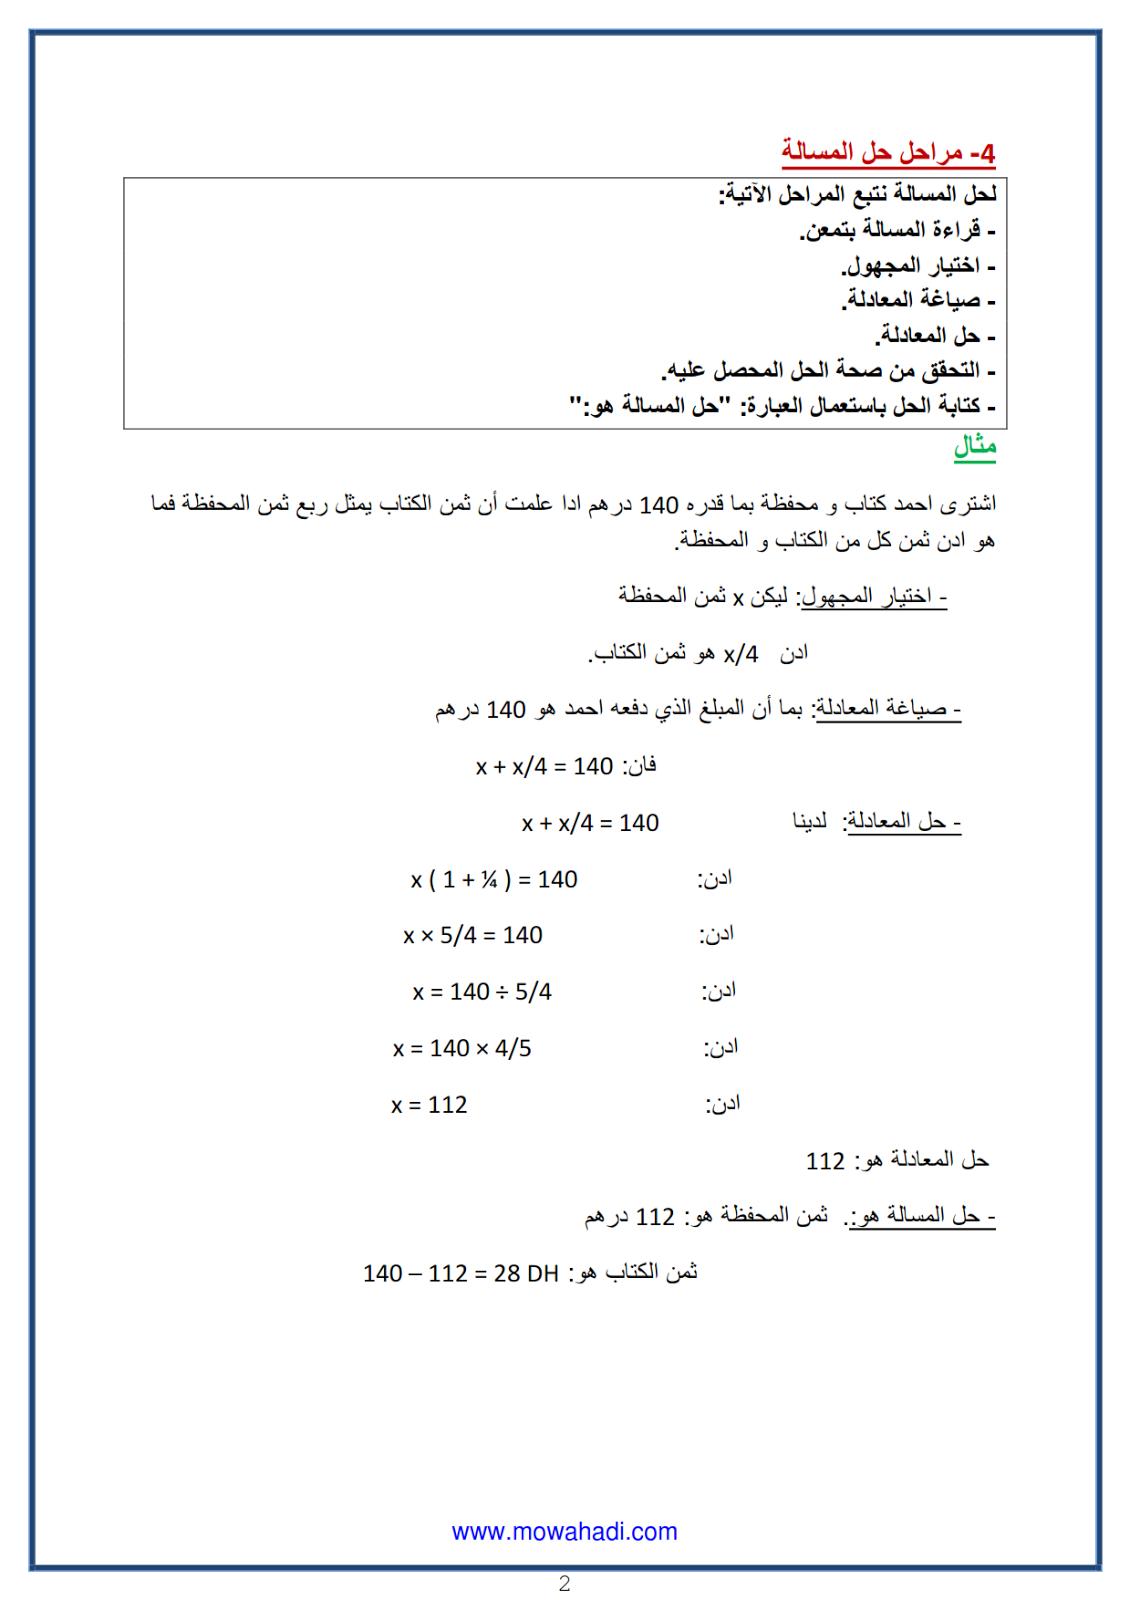 المعادلات1